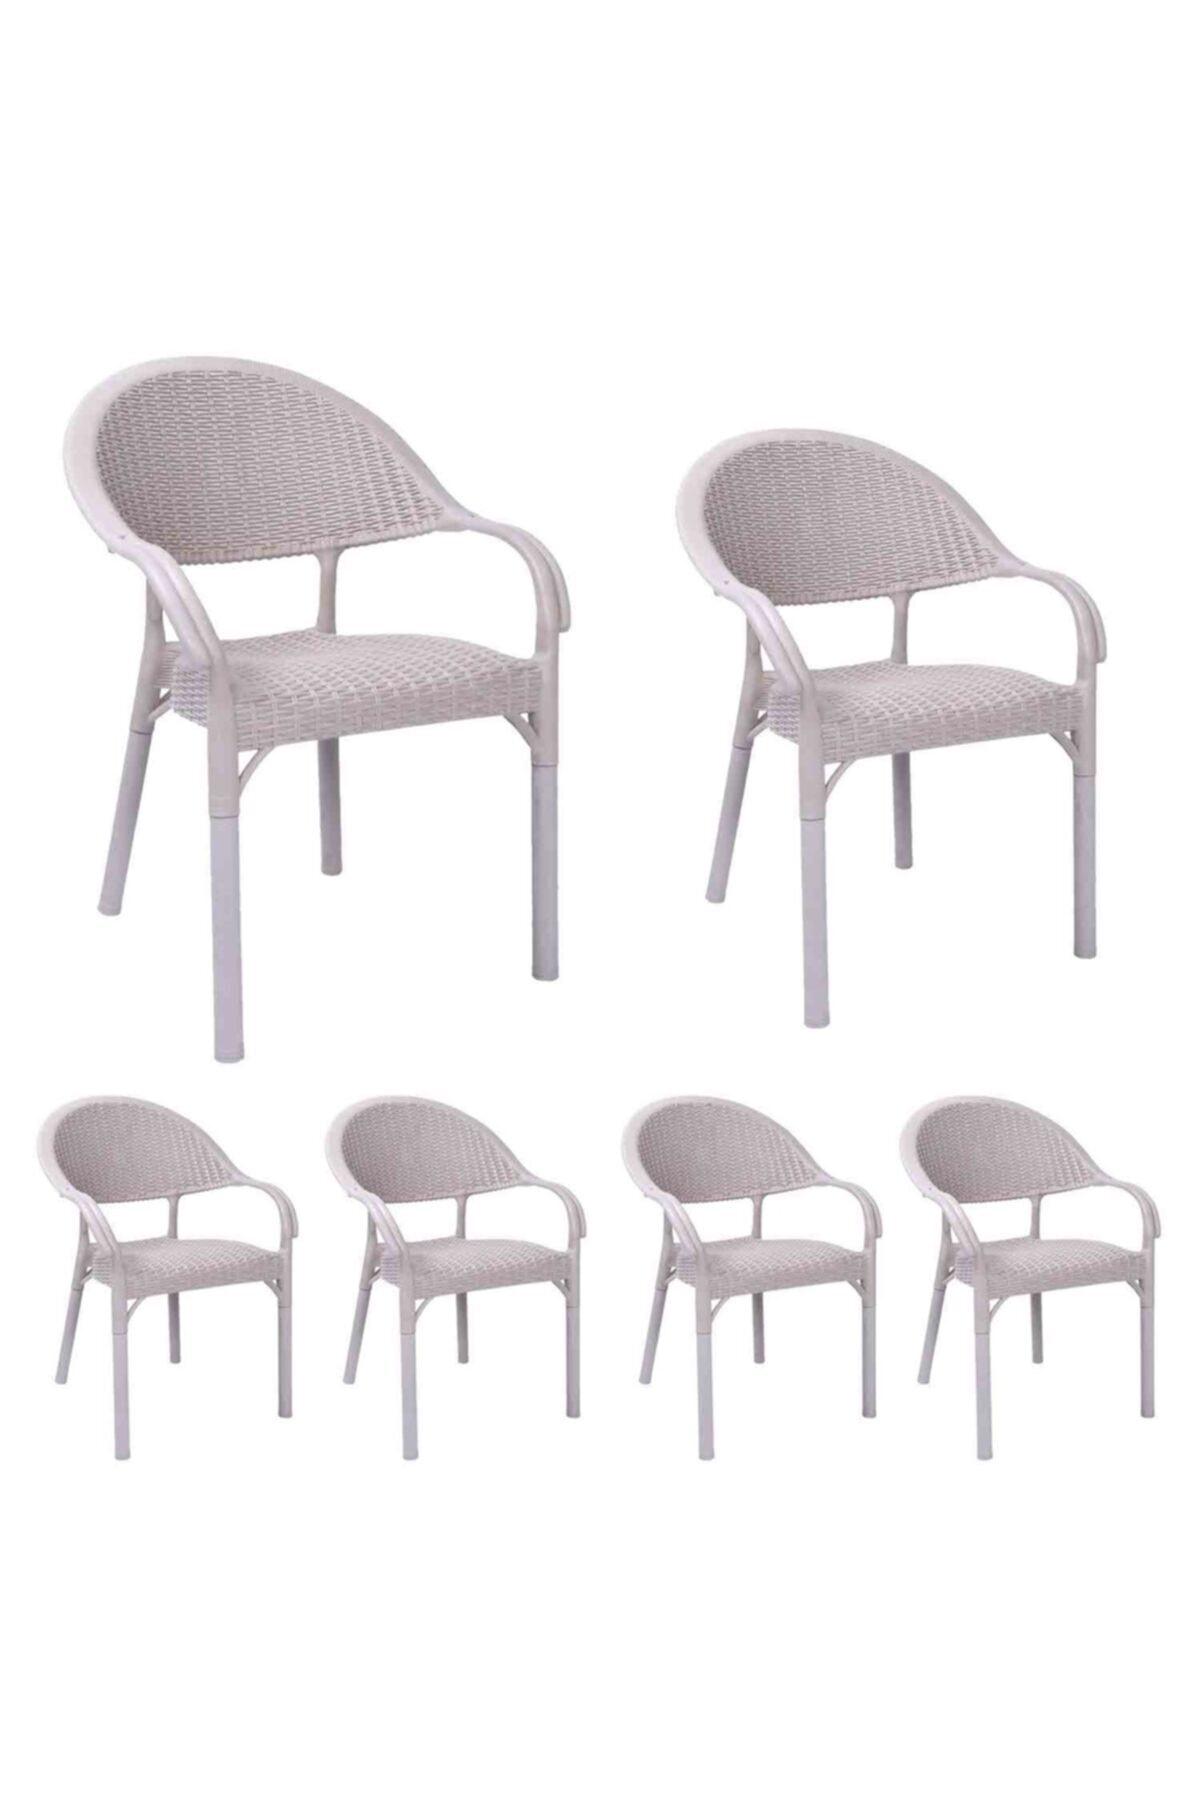 Rattan Bambu Koltuk Bej- Plastik Bahçe Sandalyesi 6 Adet